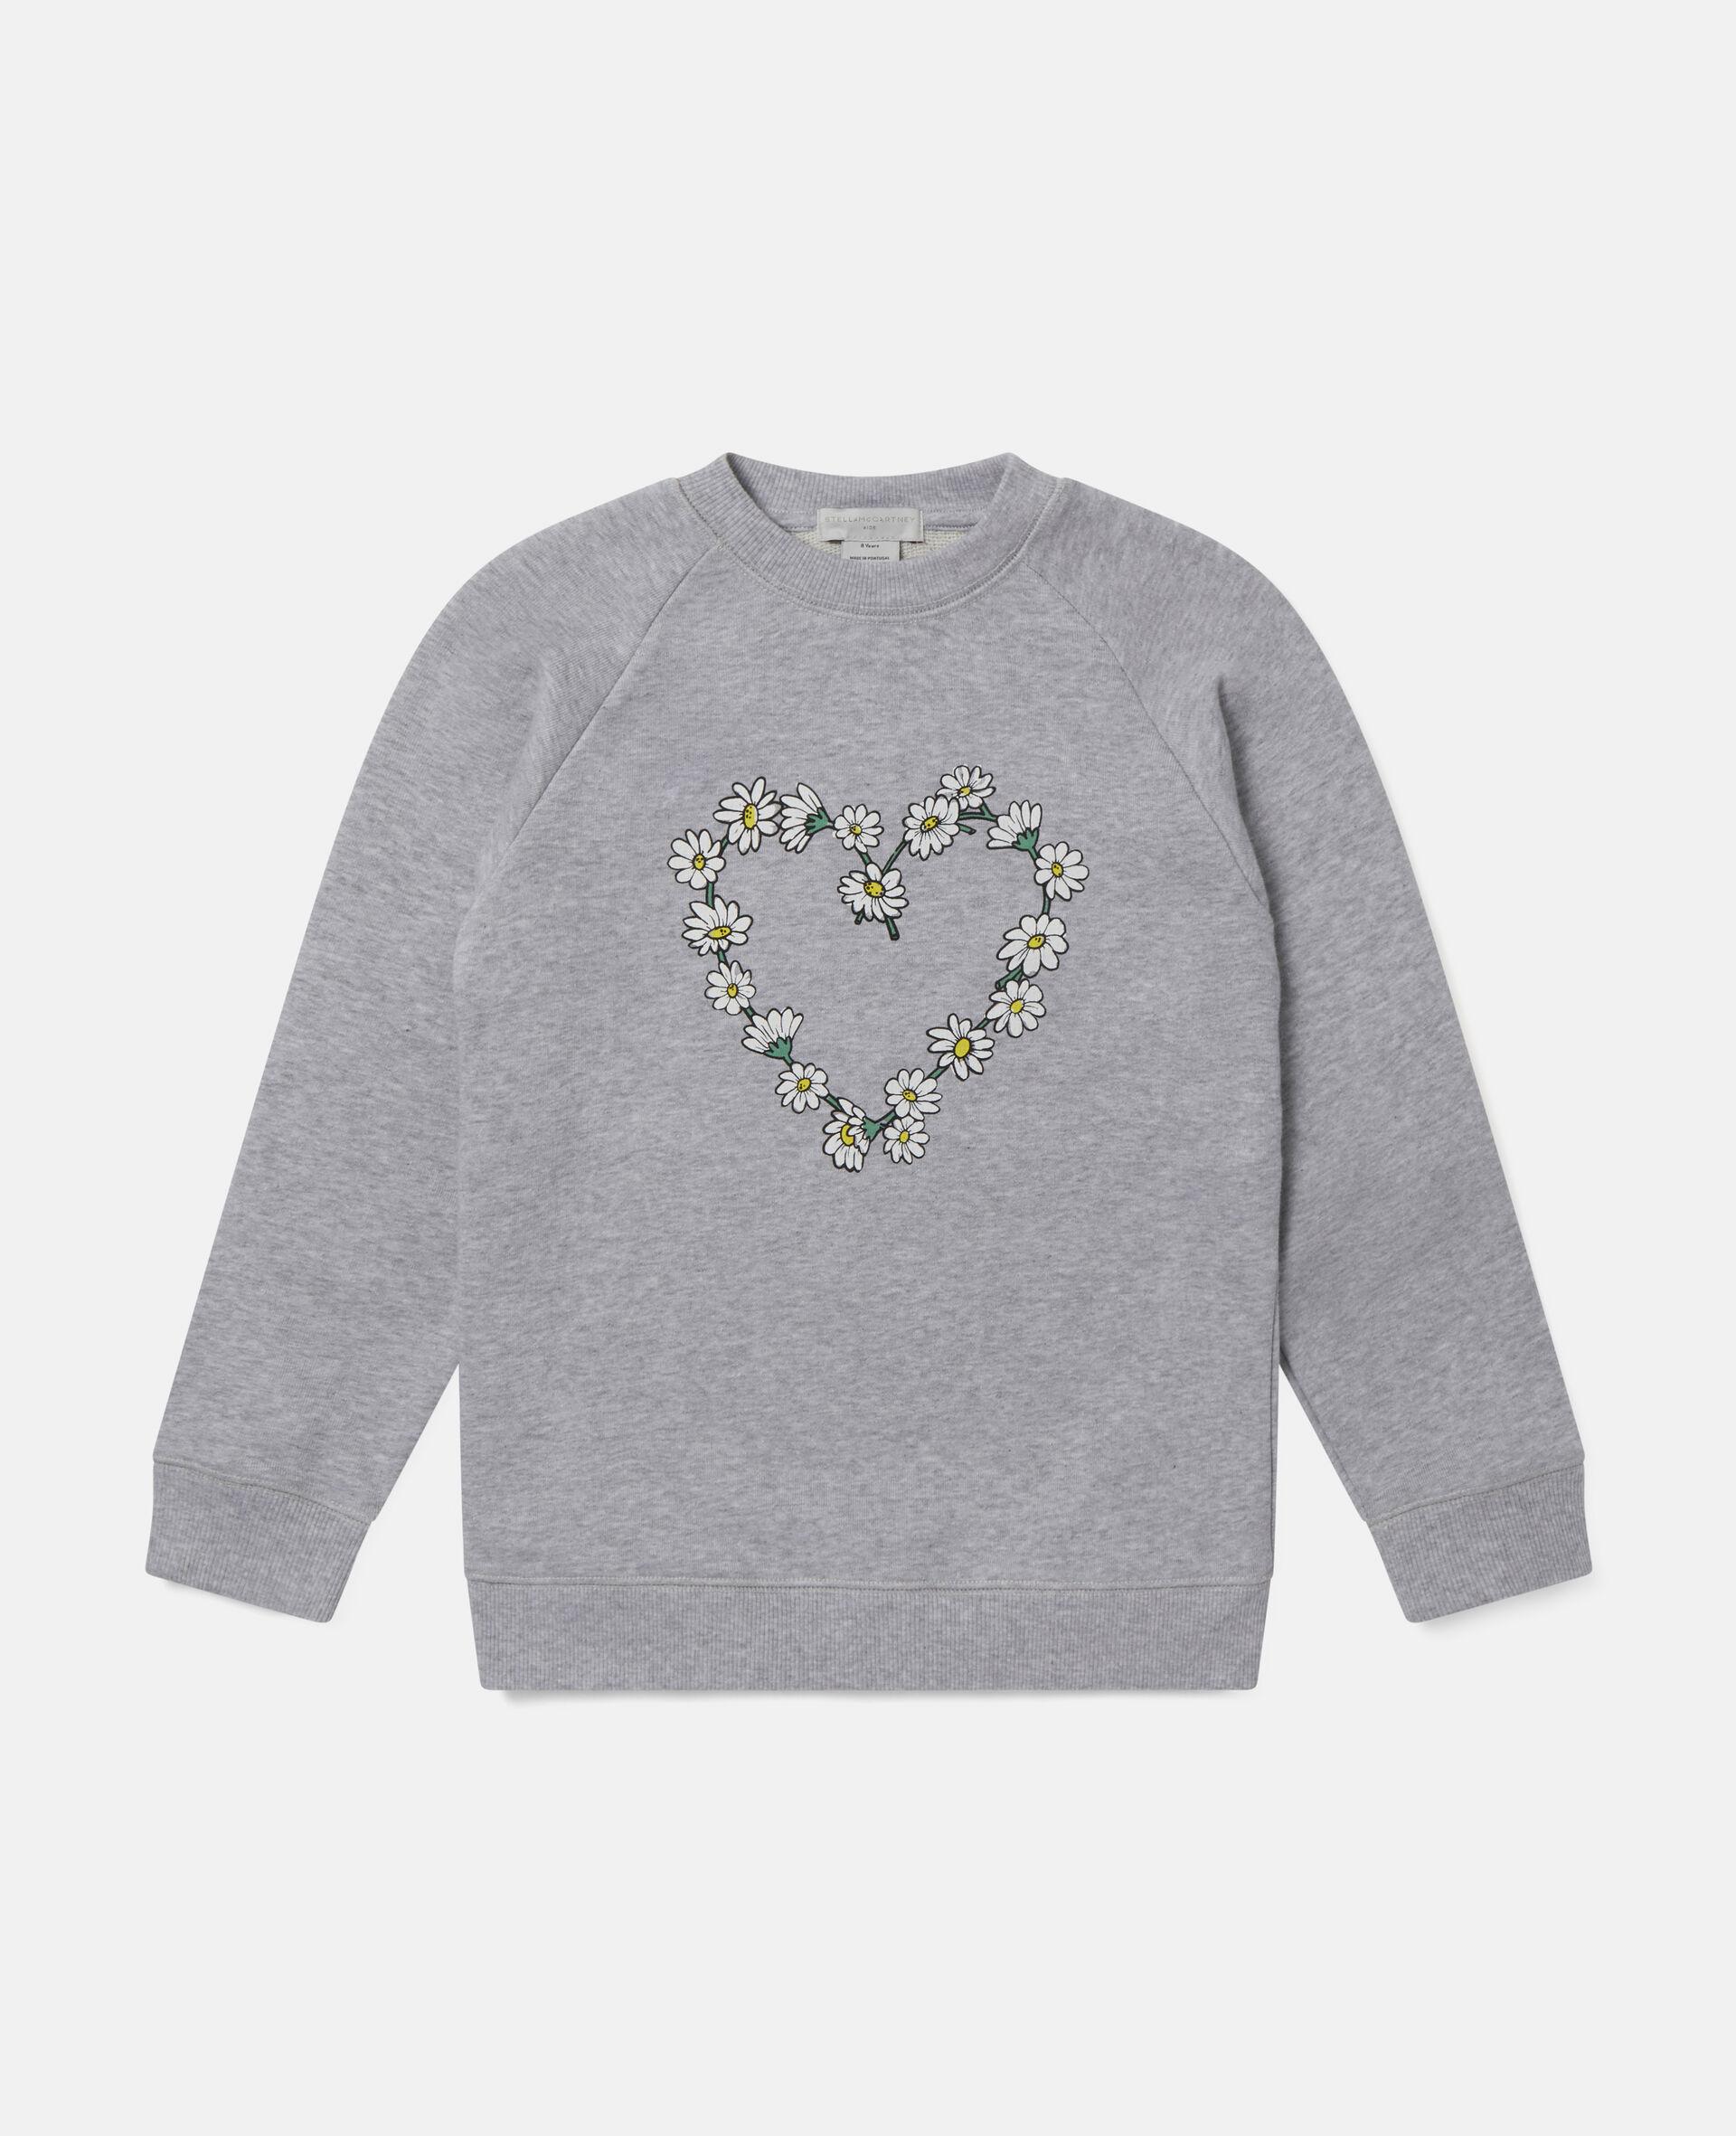 Baumwollfleece-Sweatshirt mit Gänseblümchenherz-Motiv -Grau-large image number 0